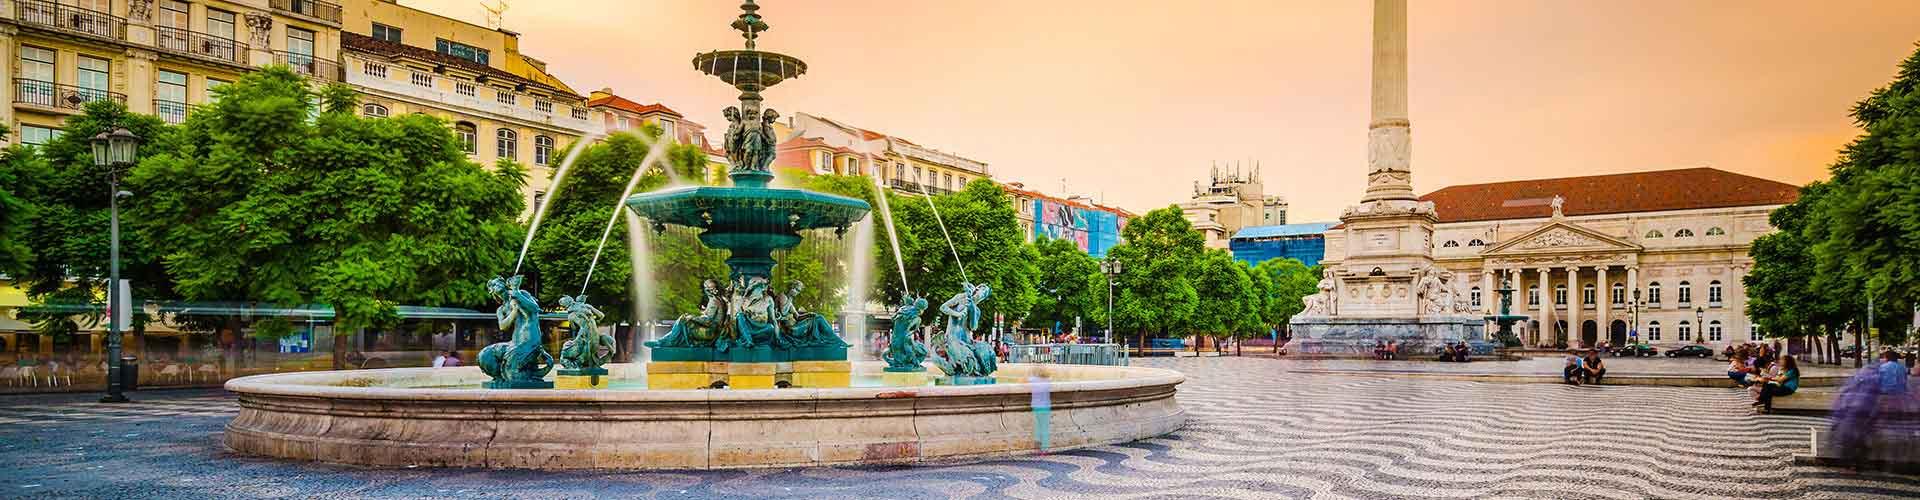 Lissabon – Hostellit kaupungiosassa Baixa. Lissabon -karttoja, valokuvia ja arvosteluja kaikista Lissabon -hostelleista.